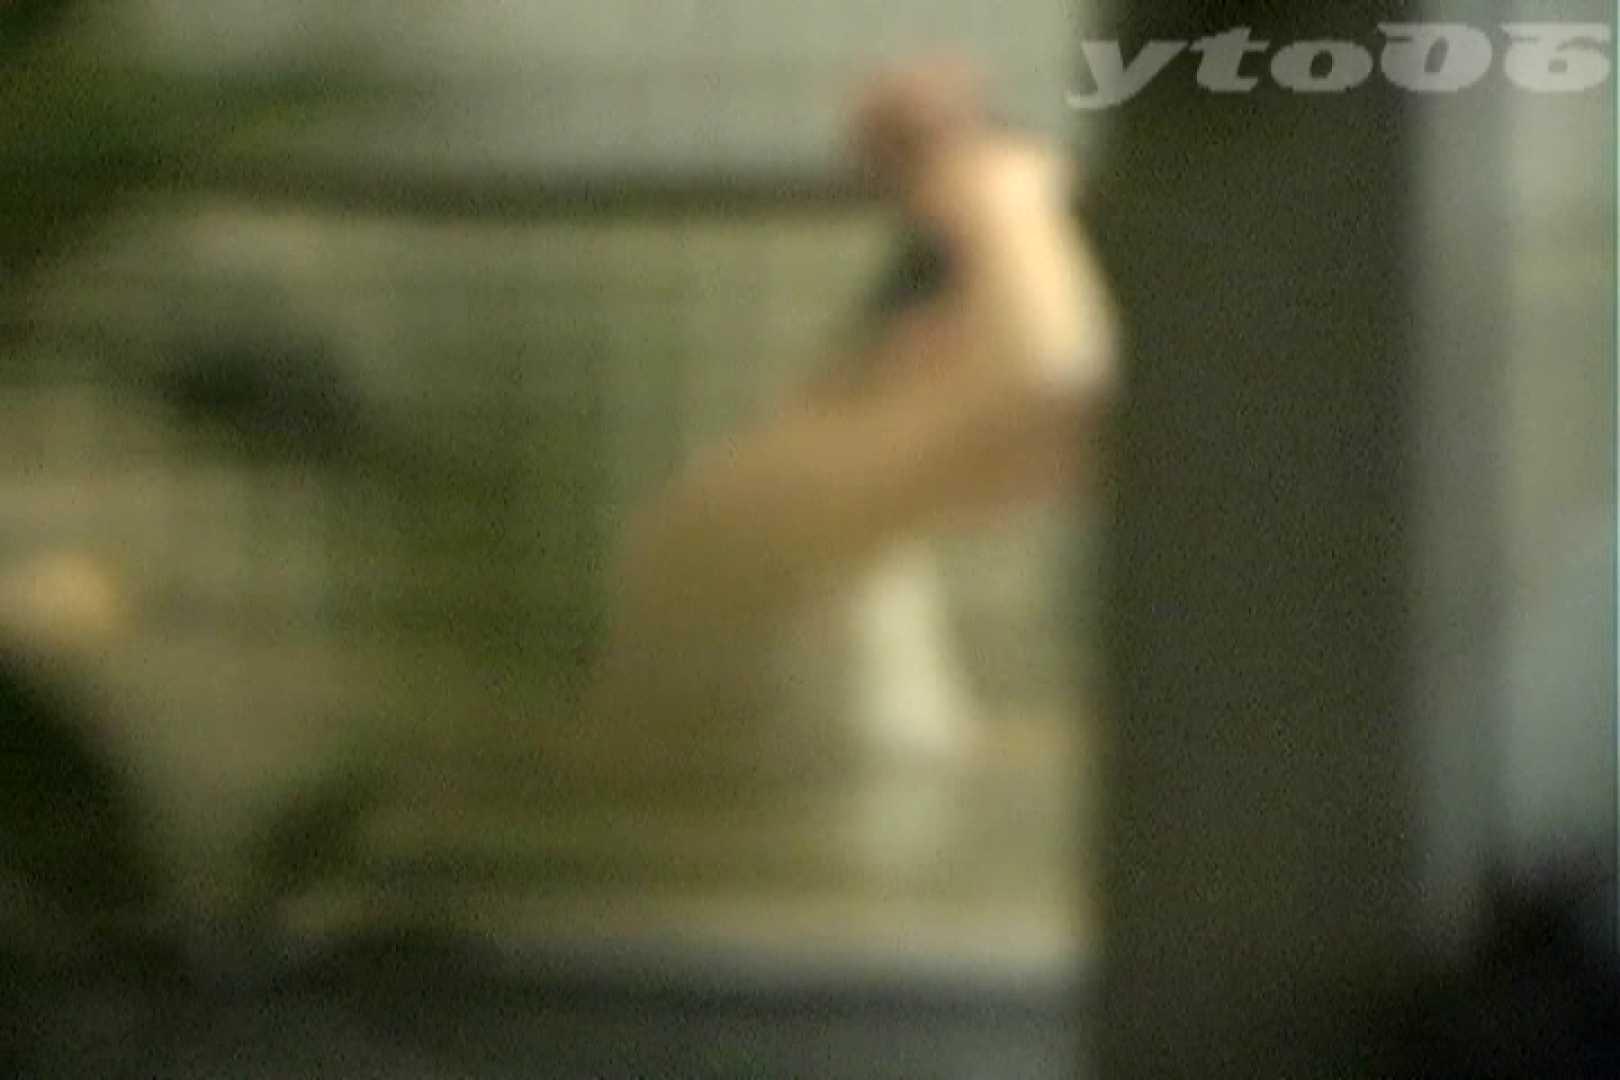 ▲復活限定▲合宿ホテル女風呂盗撮 Vol.34 盗撮 盗み撮り動画キャプチャ 63pic 2